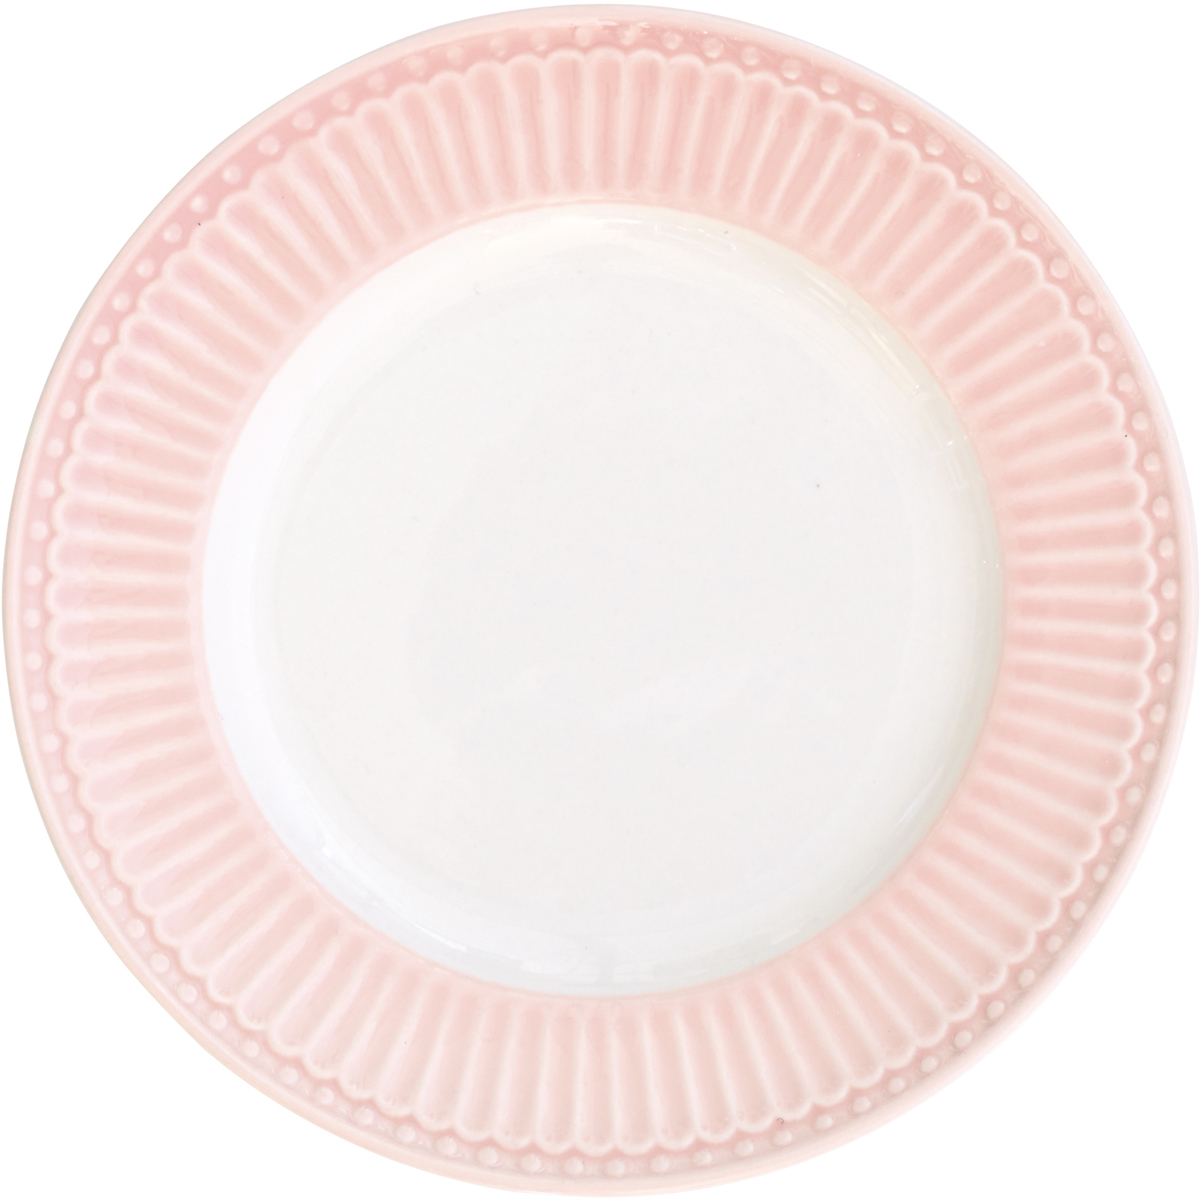 Тарелка десертная Alice, цвет: розовый, диаметр 17,5 смSTWPLASAALI1906Десертная тарелка датского производства Alice pale pink, выполненная из высококачественного фарфора, несомненно, станет украшением как праздничного стола, так и повседневной сервировки. Базовая коллекция Alice создана для идеального сочетания посуды ранних и будущих коллекций Greengate. Впервые появилась в каталогах в 2016 году и с тех пор завоевала миллионы сердец своей универсальностью, зефирной нежностью и разнообразием посудной линейки. Коллекция Alice в пастельных тонах (pink, blue, green) превосходно сочетается как между собой, так и с классическими цветочными принтами, разбавляет их и облегчает композицию. Солнечный желтый цвет Alice pale yellow в сервировке вносит свежесть и яркость погожего летнего денька. Выполнена из высококачественного фарфора, устойчивого к сколам, допускается использование в посудомоечной машине и микроволновой печи. Коллекция Alice – это беспроигрышный вариант как для знакомства с коллекционной посудой Greengate, так и для принципа «mix and match» (смешивай и сочетай).